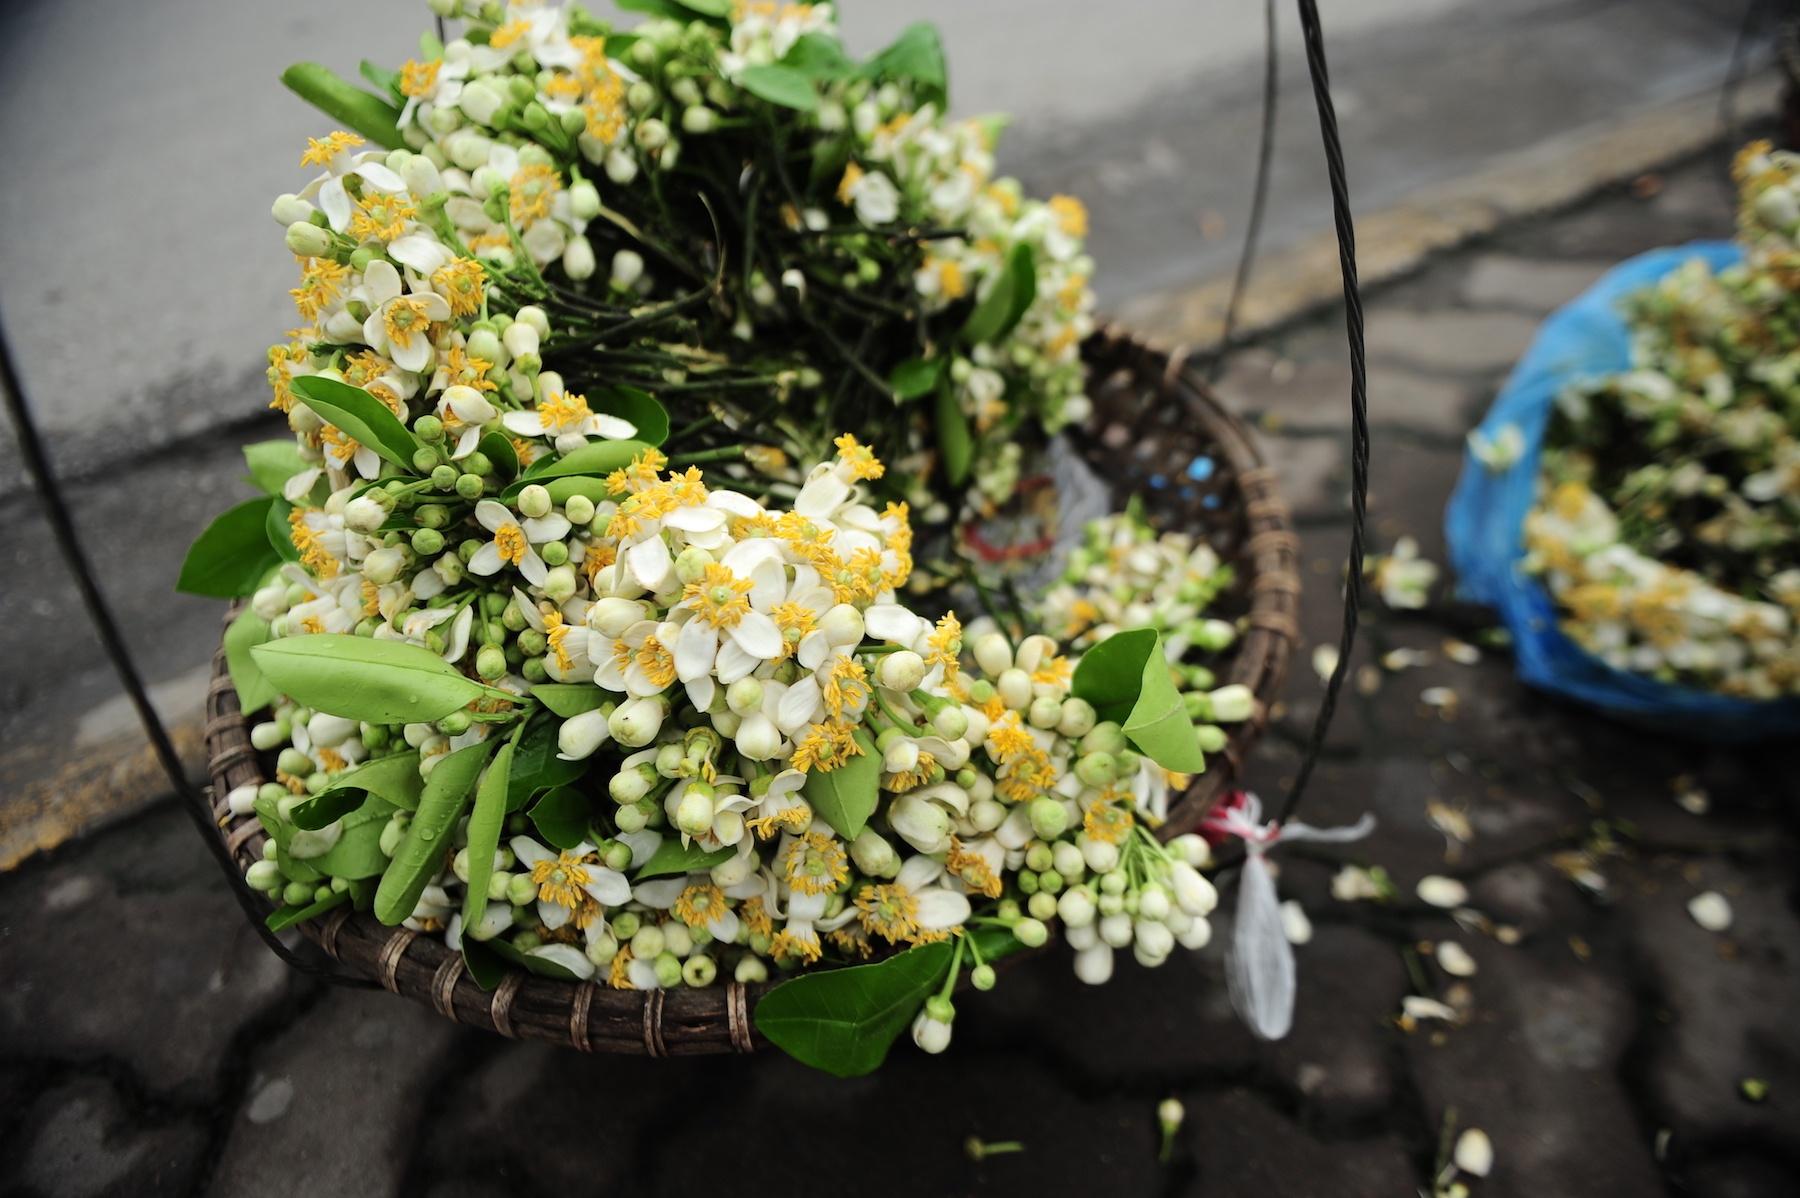 nhung mua hoa o Ha Noi anh 39